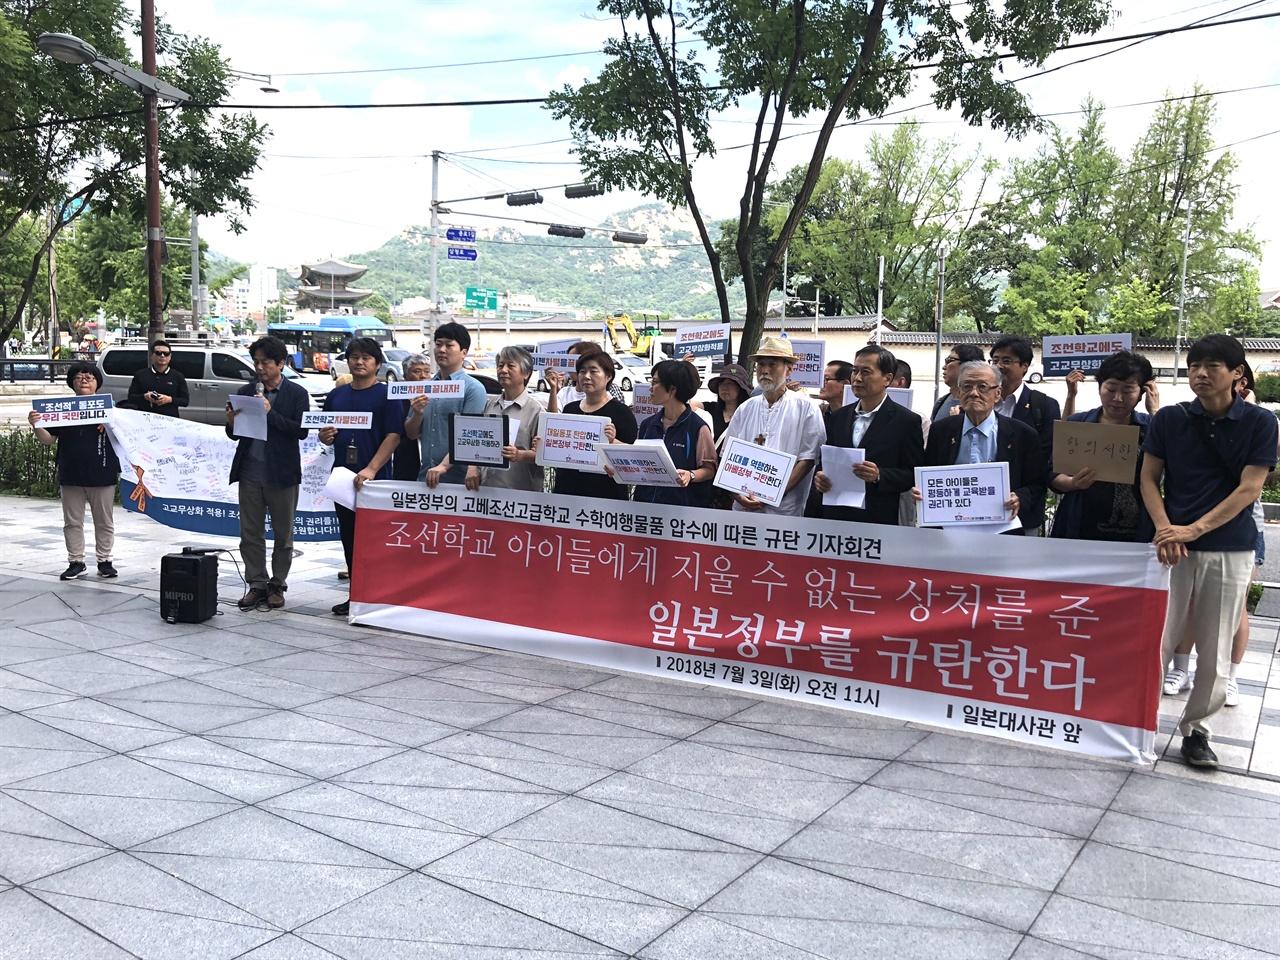 일본정부 규탄 기자회견중  이 날 규탄기자회견에는 조선학교와 아이들을 지키는 시민모임, 조선학교와 함께 하는 사람들 몽당연필 등 250여개 단체가 연명했다.